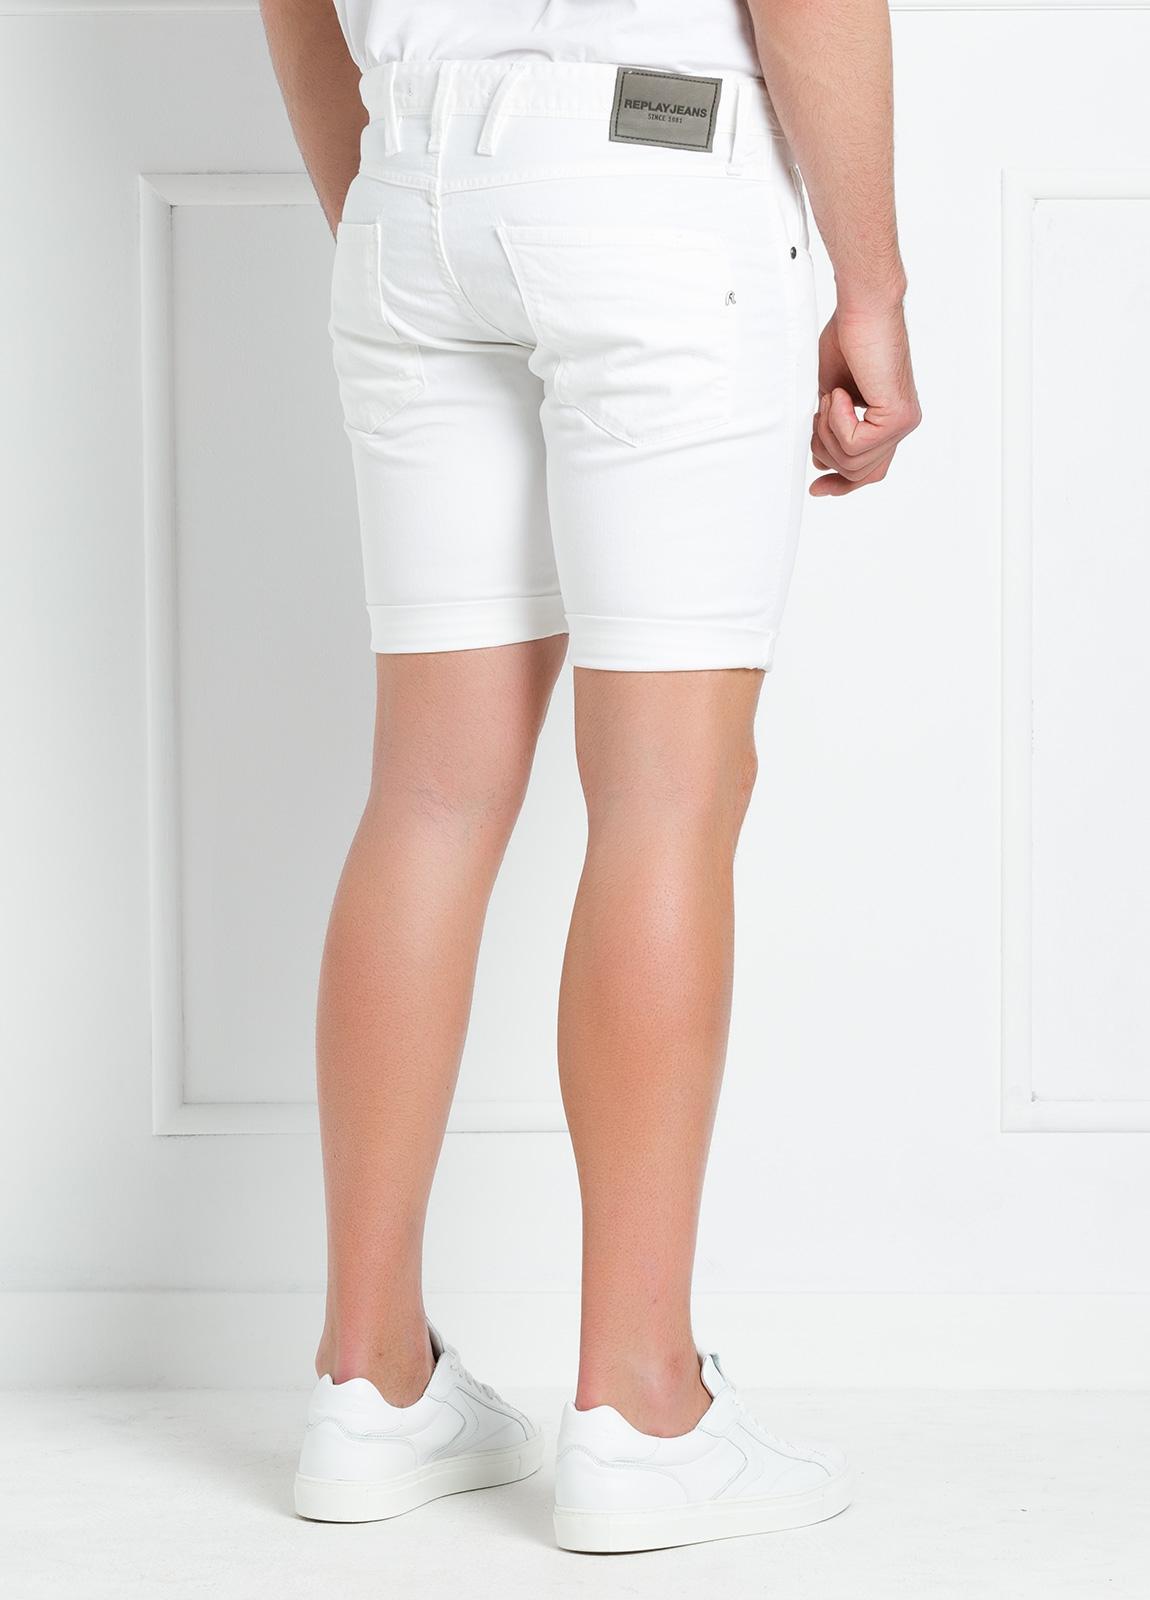 Bermuda tejana 9,5 oz SLIM MA 996 ANBASS color blanco. - Ítem1